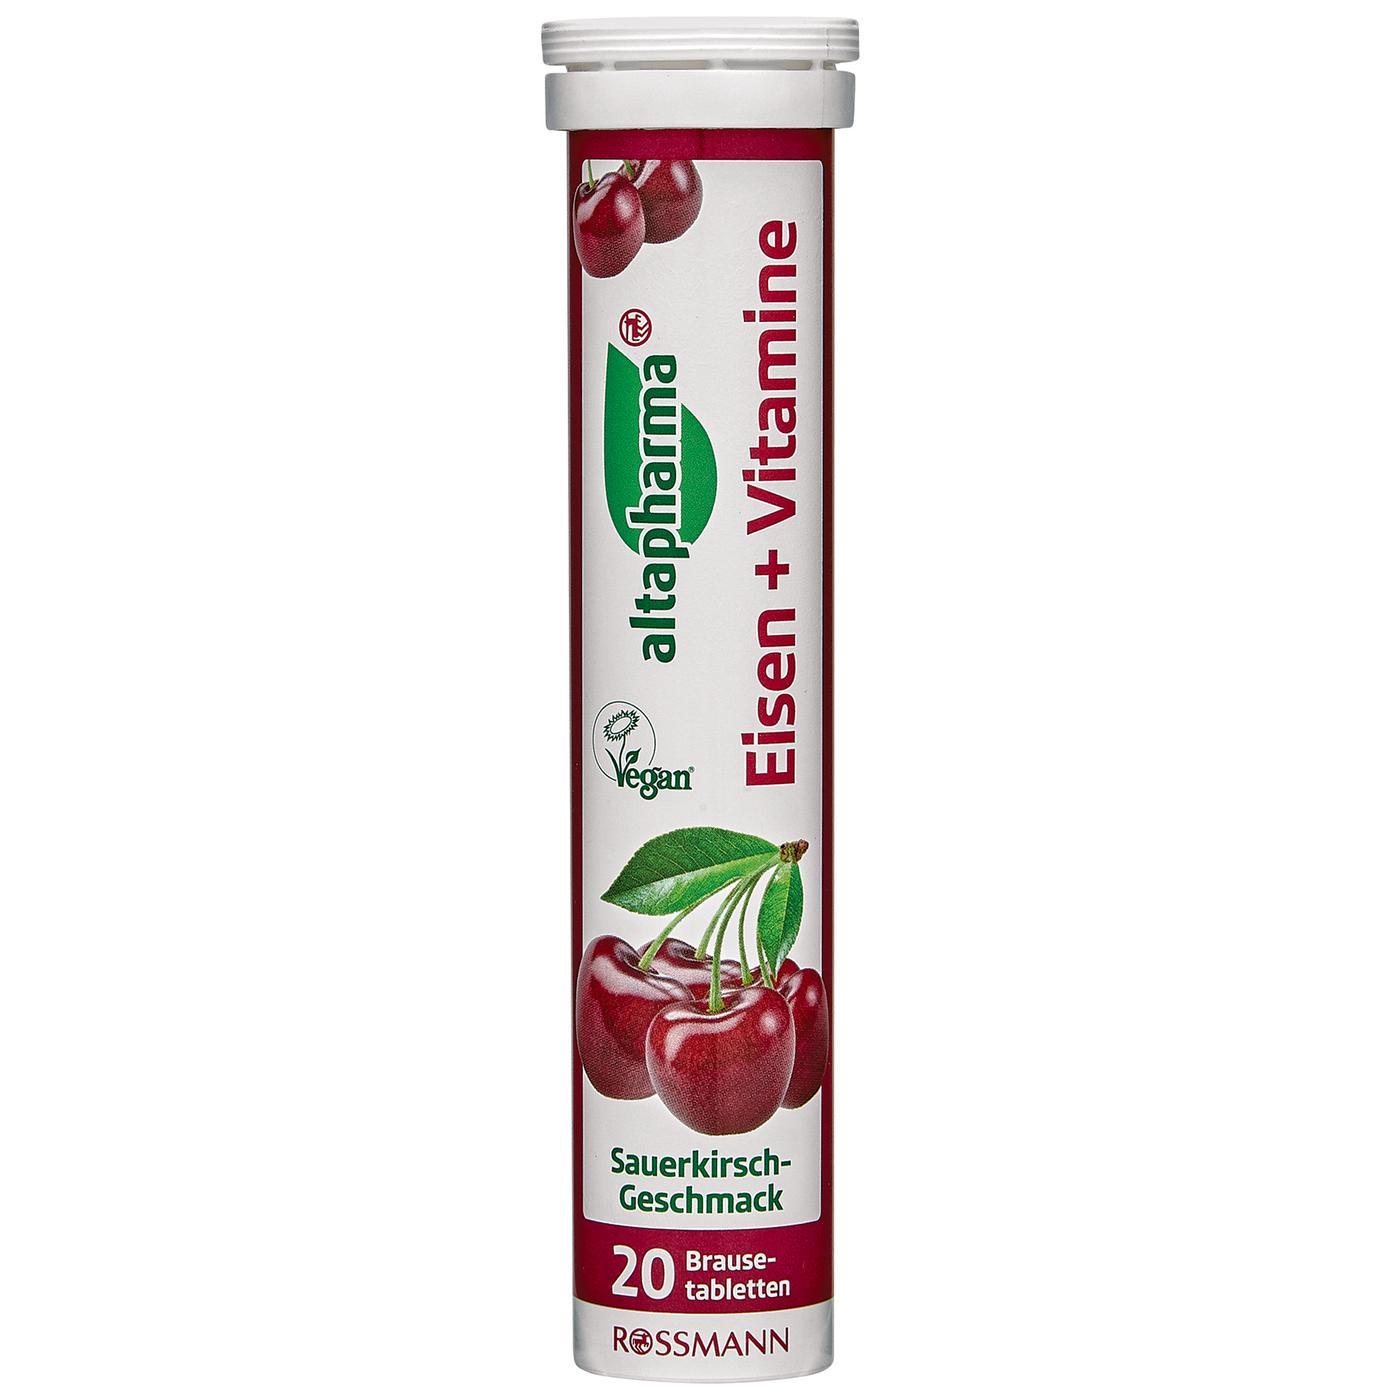 Viên sủi bổ sung sắt và vitamin E hương anh đào